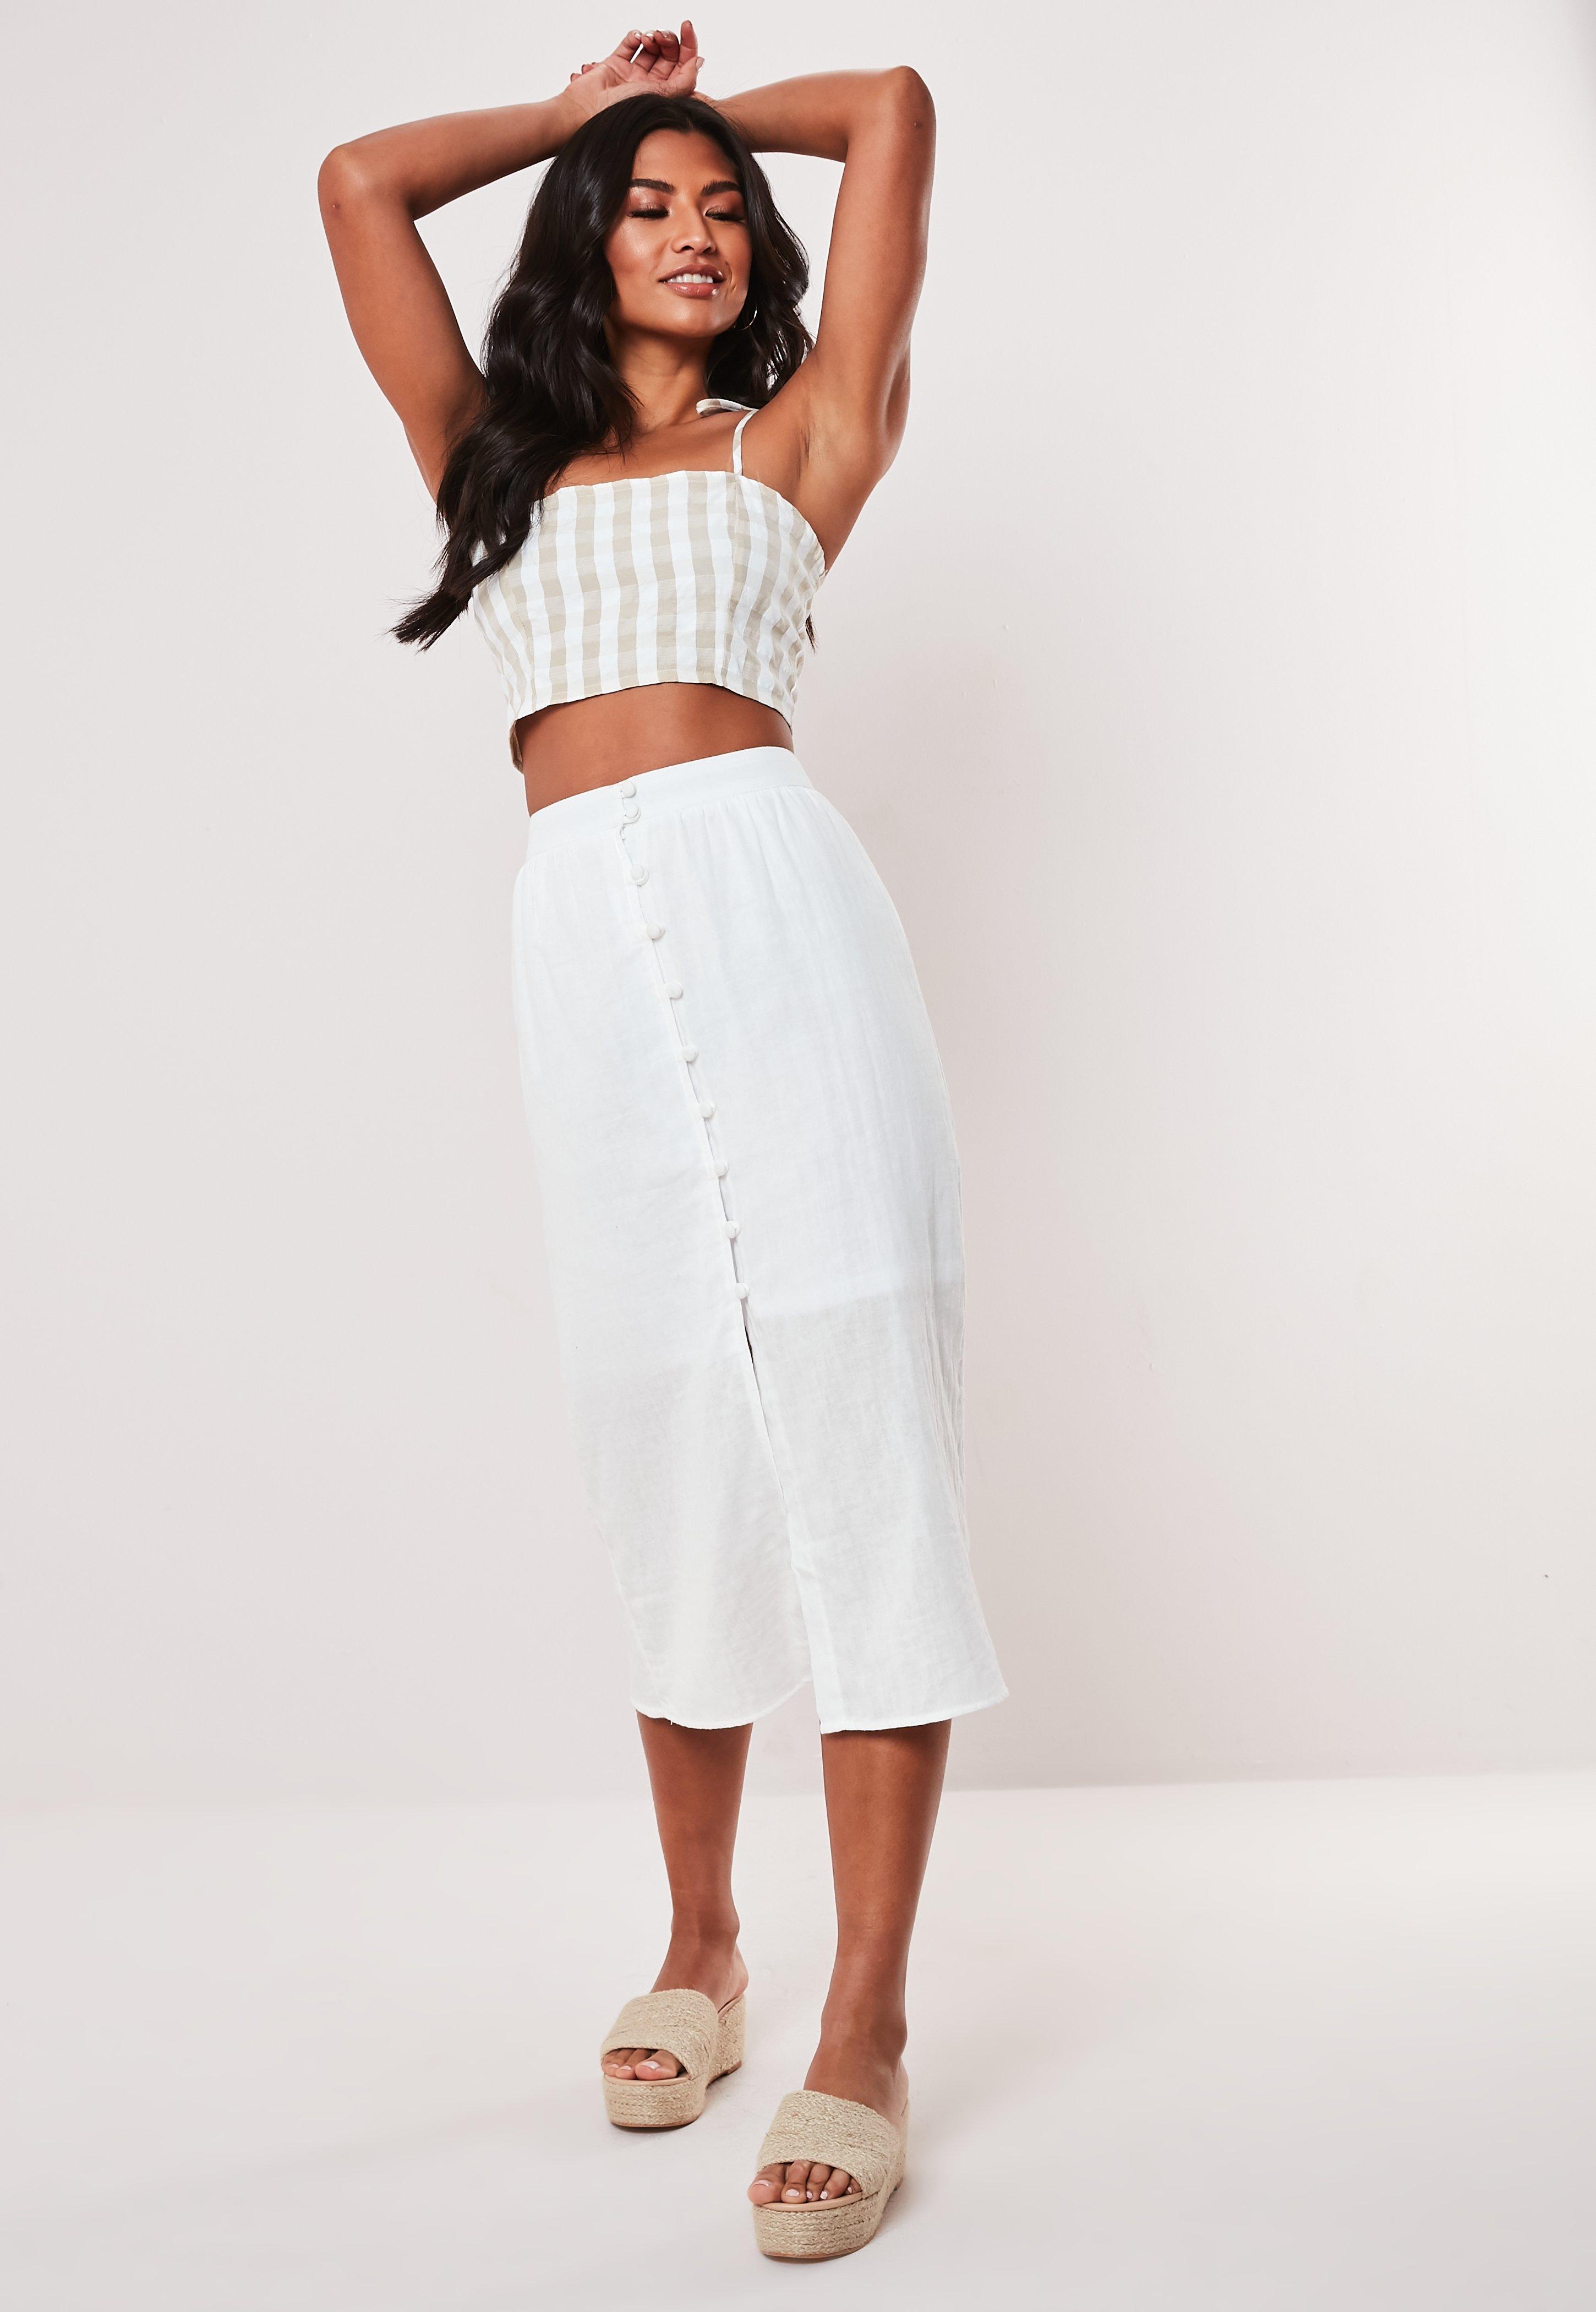 b6c8bbb683 Skirts